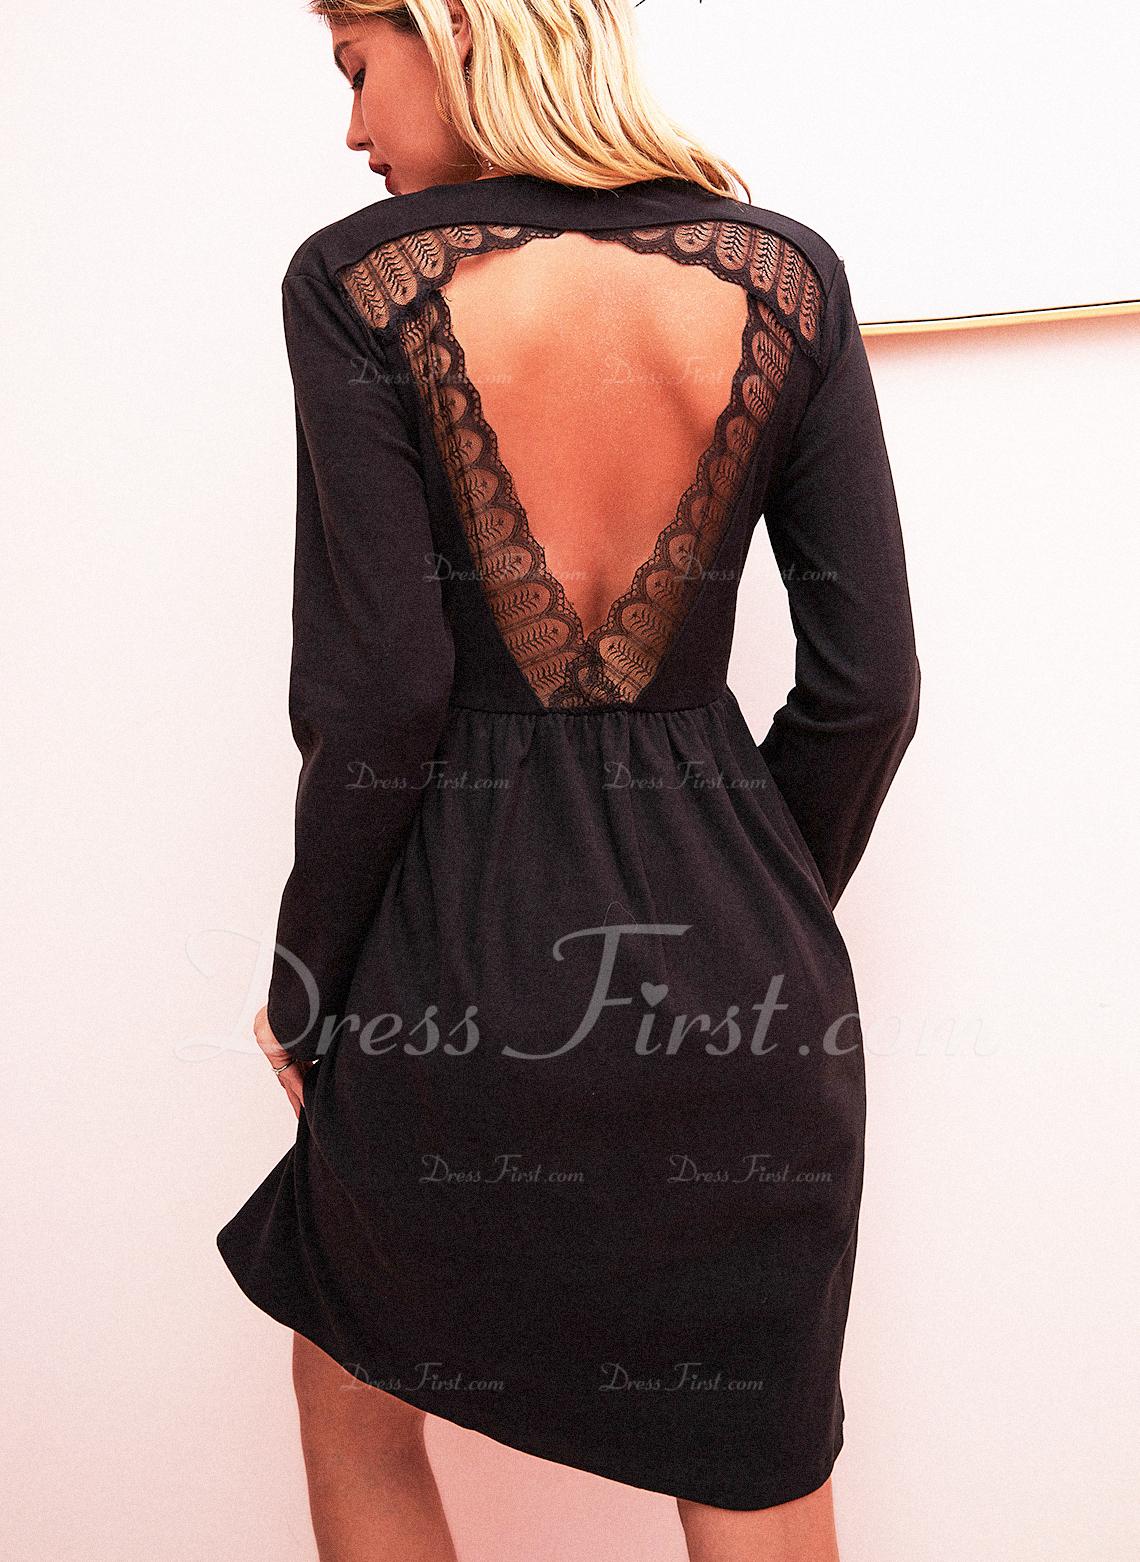 レース 固体 シフトドレス 長袖 ミニ リトルブラックドレス カジュアル チュニック ファッションドレス